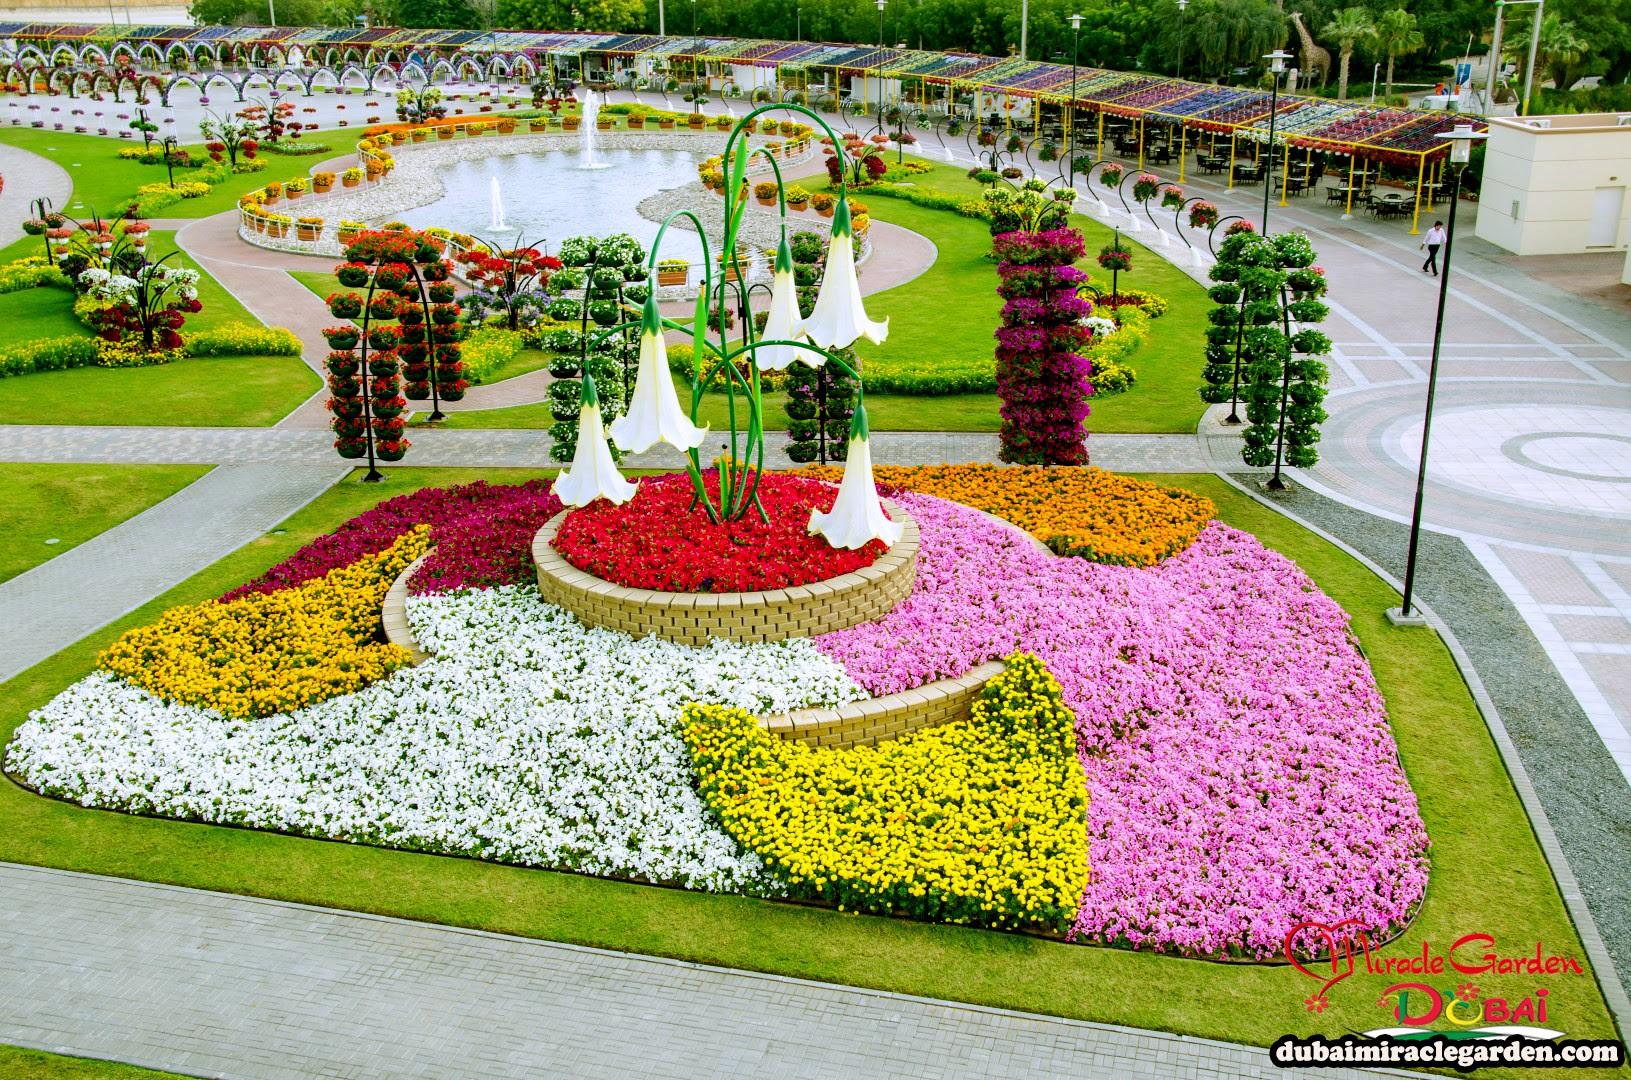 Dubai Miracle Garden 30